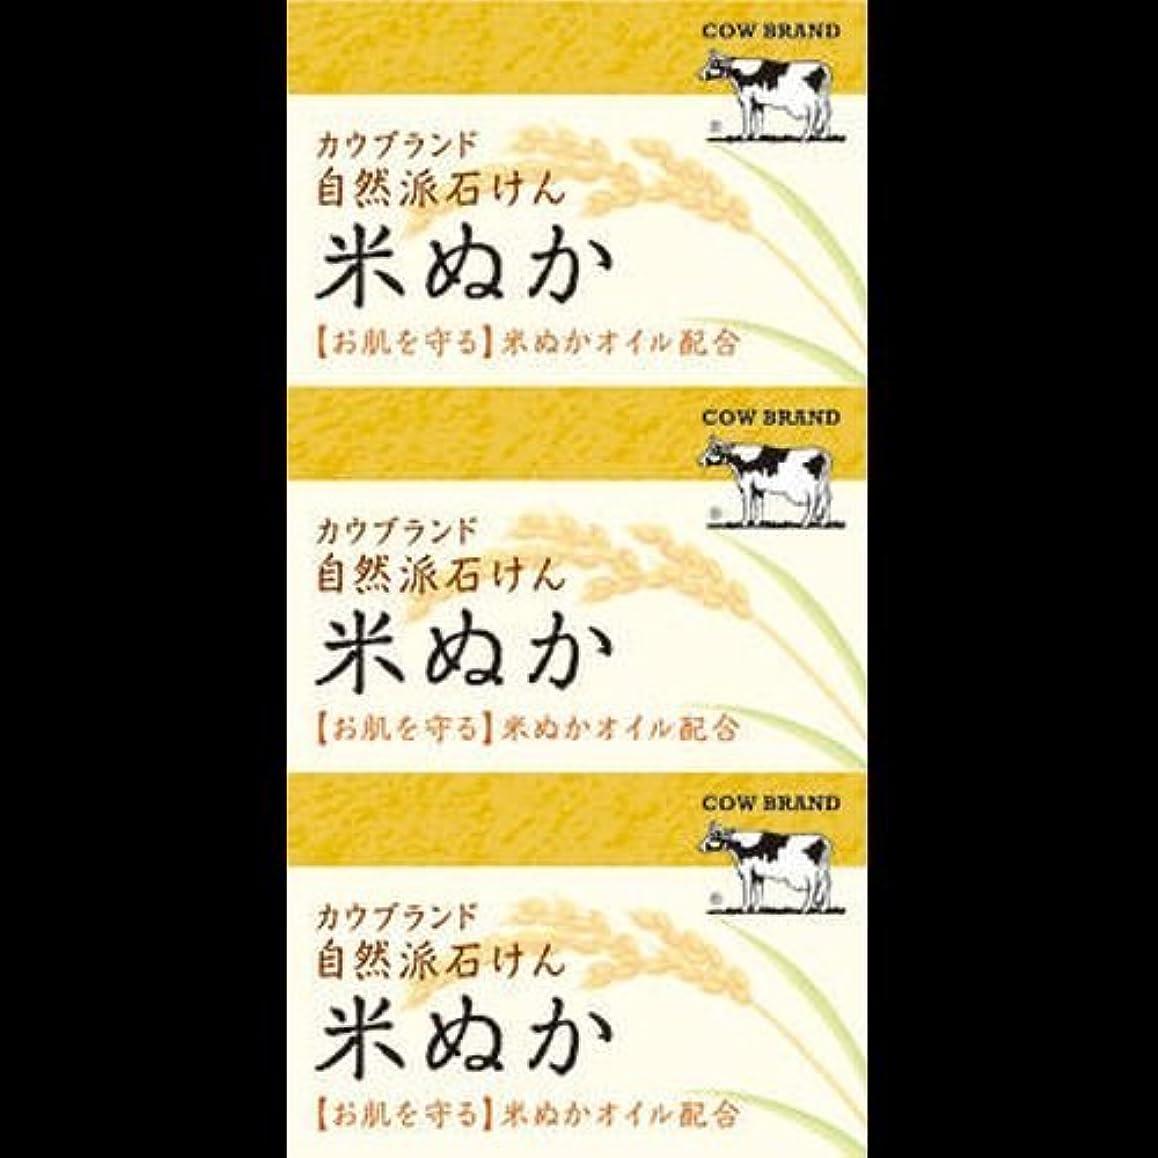 農業複雑な討論【まとめ買い】カウブランド 自然派石けん 米ぬか 100g*3個 ×2セット